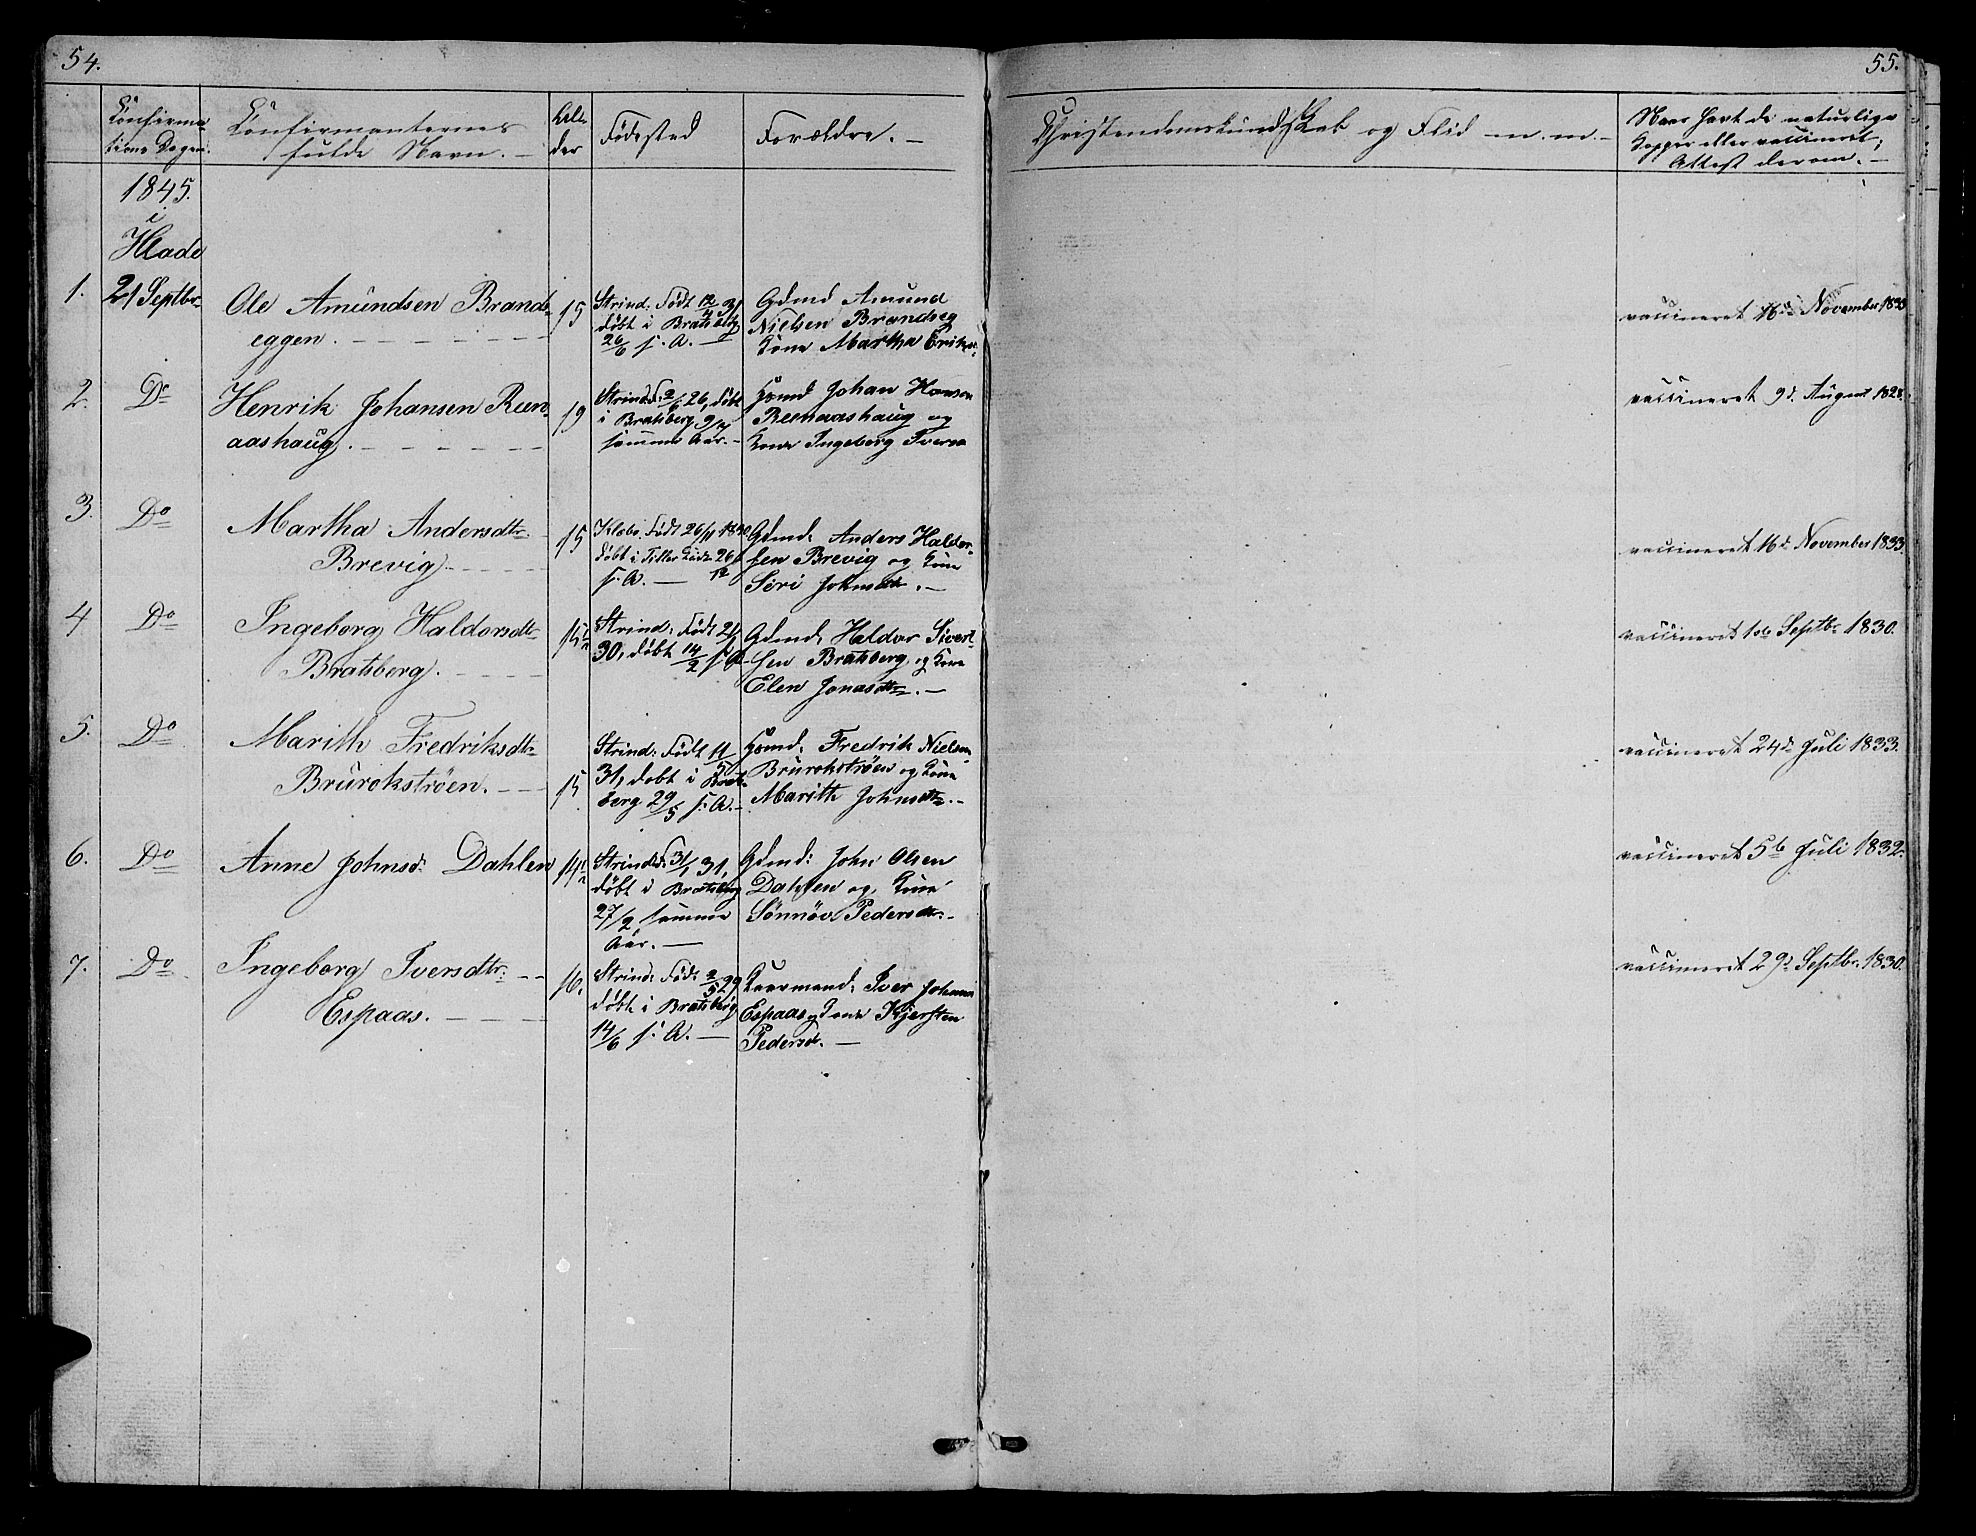 SAT, Ministerialprotokoller, klokkerbøker og fødselsregistre - Sør-Trøndelag, 608/L0339: Klokkerbok nr. 608C05, 1844-1863, s. 54-55